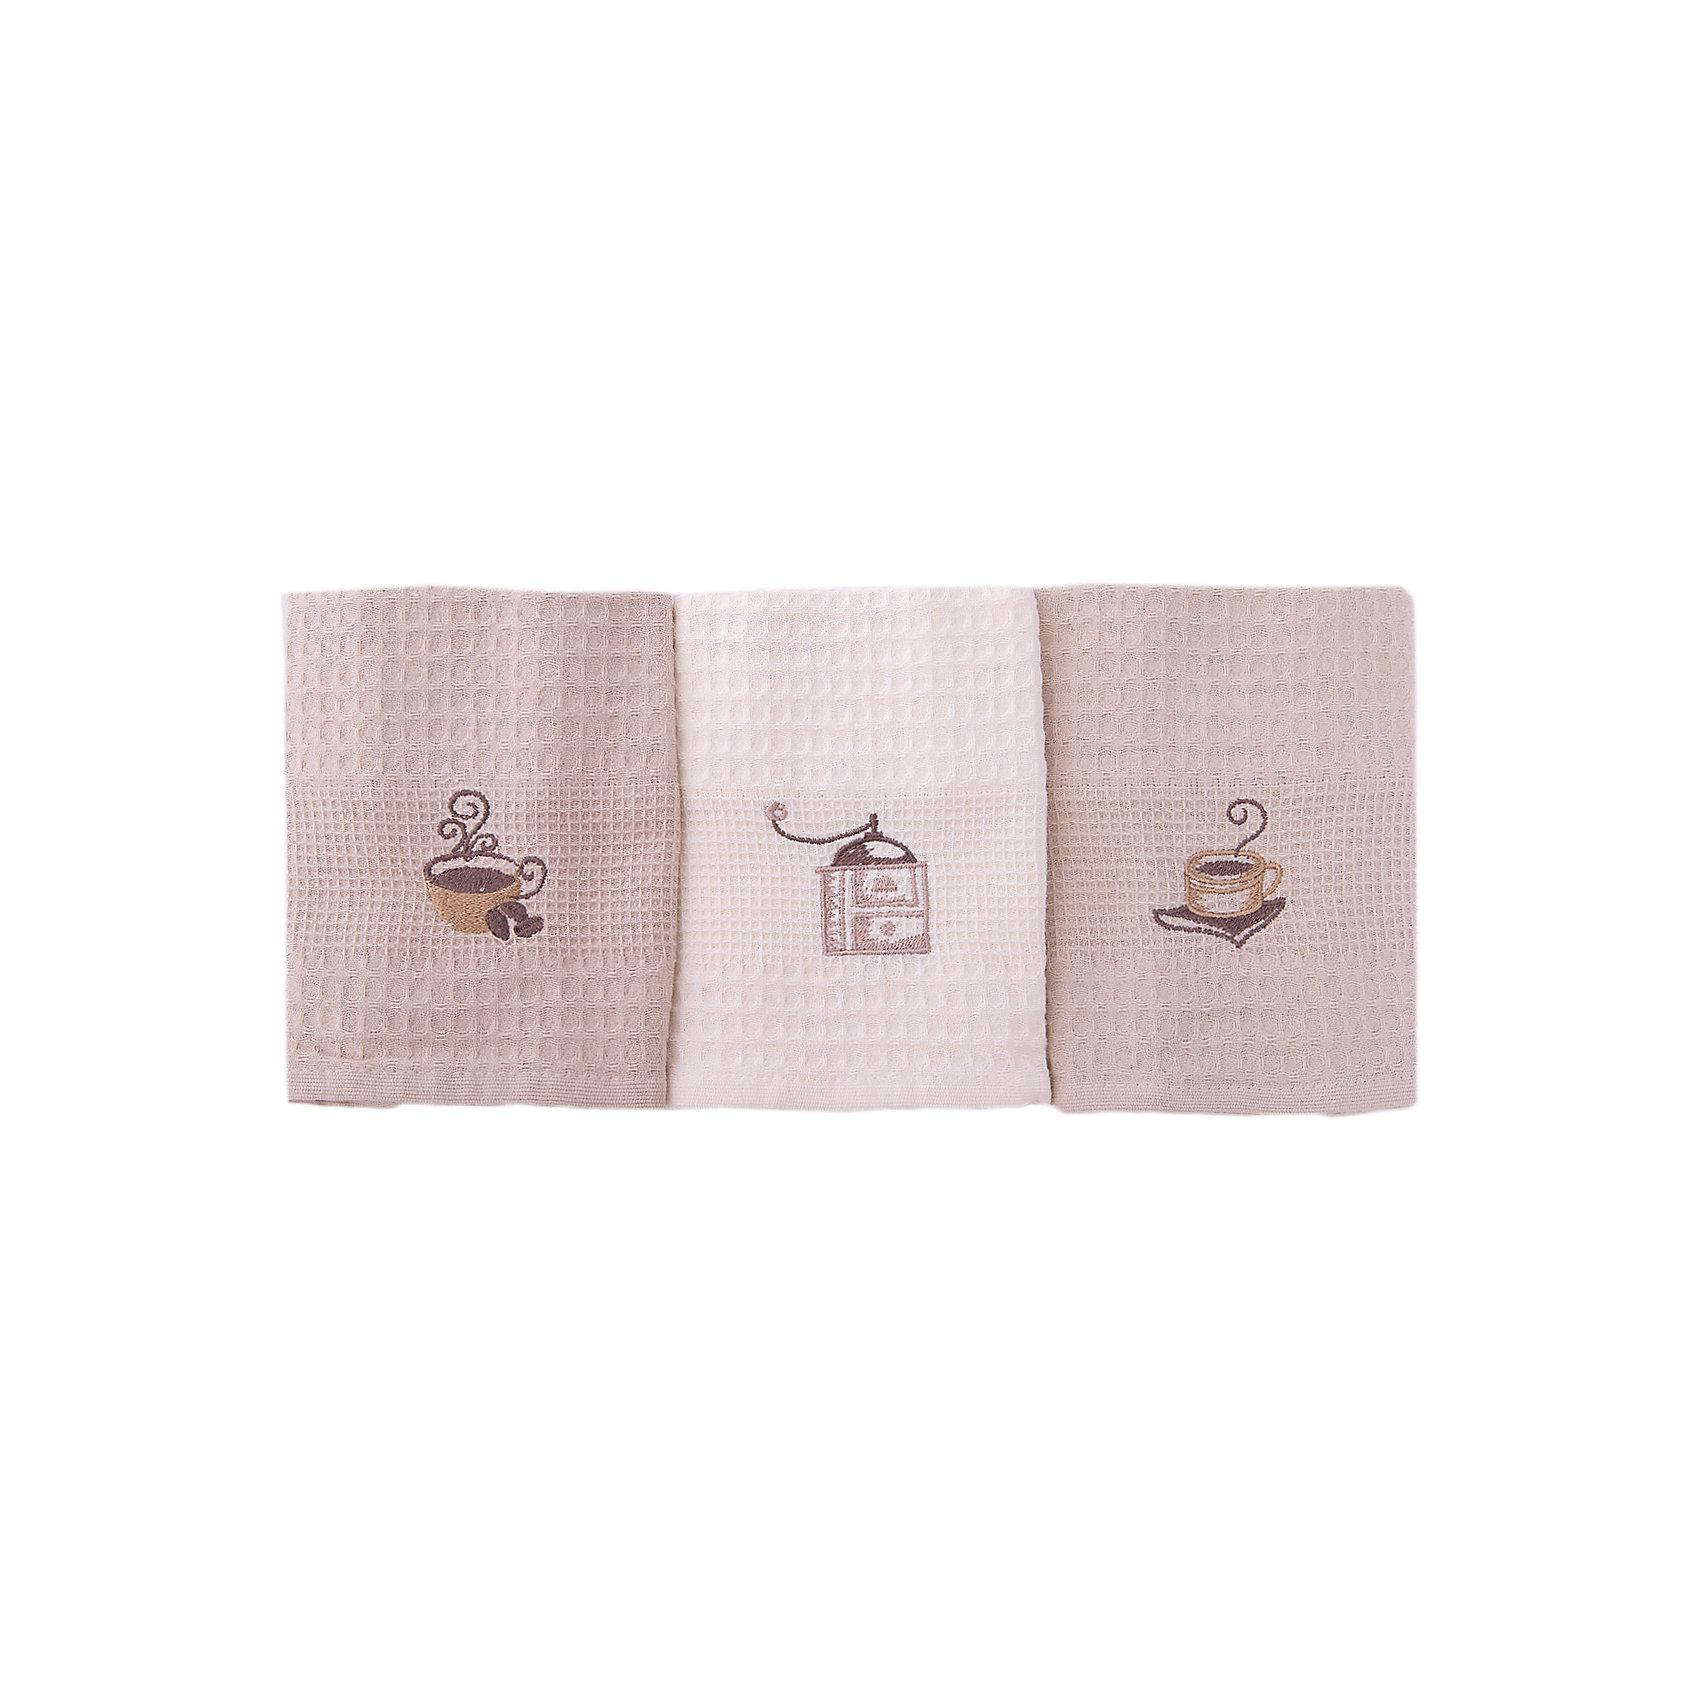 Набор кухонных полотенец 40*60, 3шт., TAC, кофеДомашний текстиль<br>Характеристики:<br><br>• Вид домашнего текстиля: кухонное полотенце<br>• Размеры полотенца: 40*60 см<br>• Рисунок: кофе<br>• Декор: вышивка<br>• Материал: хлопок, 100% <br>• Цвет: молочный, кофейный, бежевый<br>• Плотность полотна: 350 гр/м2 <br>• Комплектация: 3 полотенца<br>• Вес: 300 г<br>• Размеры упаковки (Д*Ш*В): 21*5*19 см<br>• Подарочная упаковка<br>• Особенности ухода: машинная стирка <br><br>Полотенца выполнены из натурального хлопка, что обеспечивает высокие впитывающие и износоустойчивые качества. Благодаря высокой степени плотности махры, изделия отлично впитывают влагу, легко отстирываются от пятен и не требуют глажки. В наборе одно полотенце молочного цвета, два – кофейного, декорированы вышивкой.<br><br>Набор кухонных полотенец 40*60, 3шт., TAC, кофе можно купить в нашем интернет-магазине.<br><br>Ширина мм: 200<br>Глубина мм: 50<br>Высота мм: 180<br>Вес г: 600<br>Возраст от месяцев: 216<br>Возраст до месяцев: 1188<br>Пол: Унисекс<br>Возраст: Детский<br>SKU: 5476378